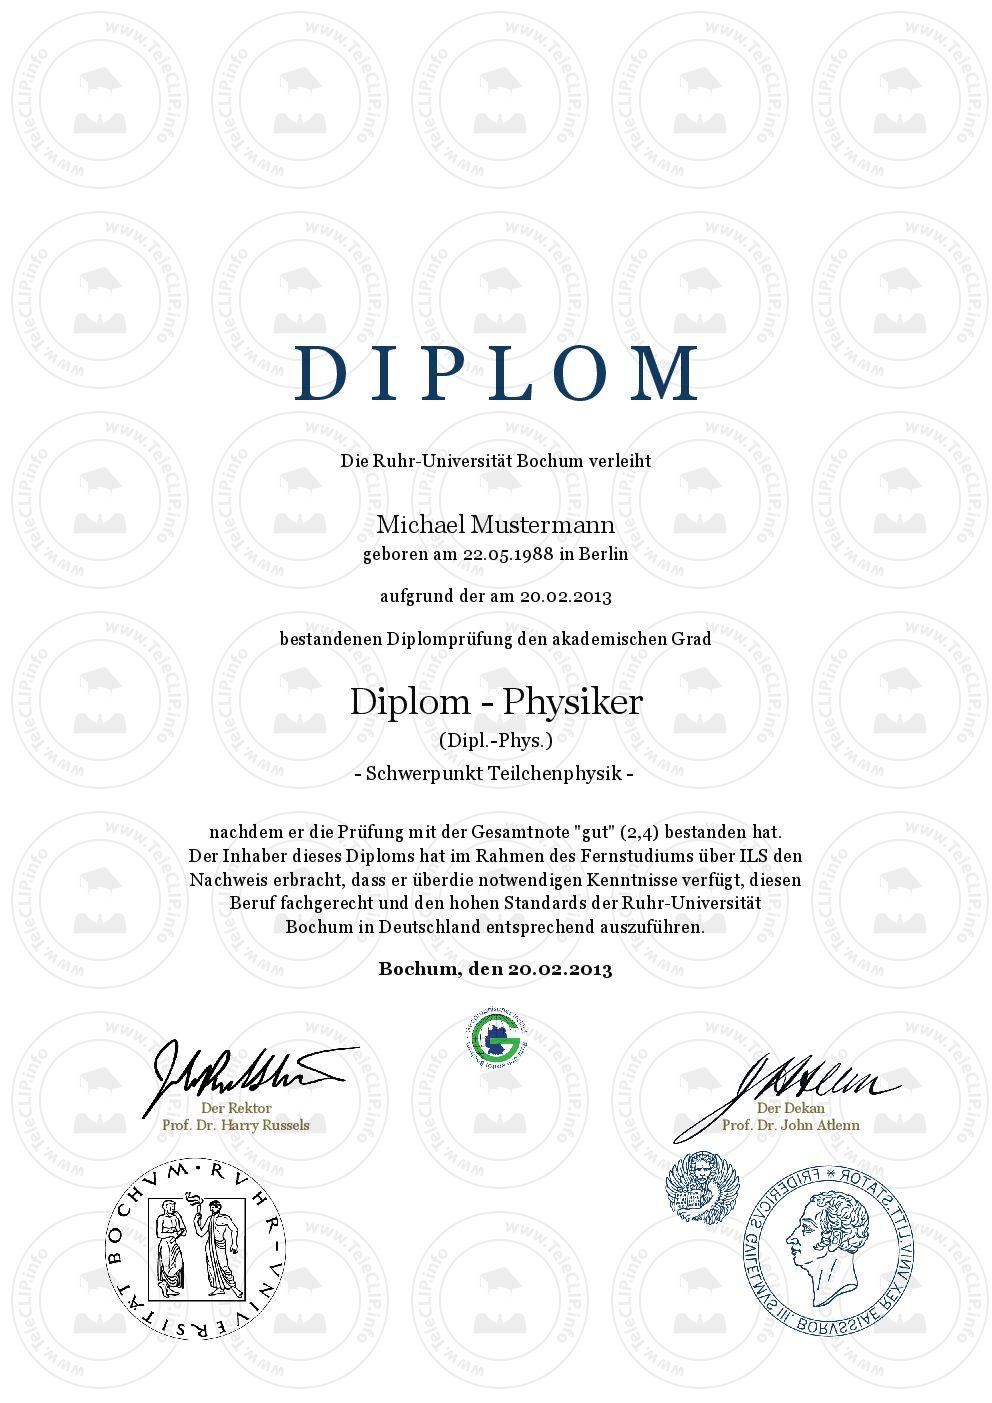 Diplom Urkunde online erstellen, gestalten und aus… | www.etwas.info ...